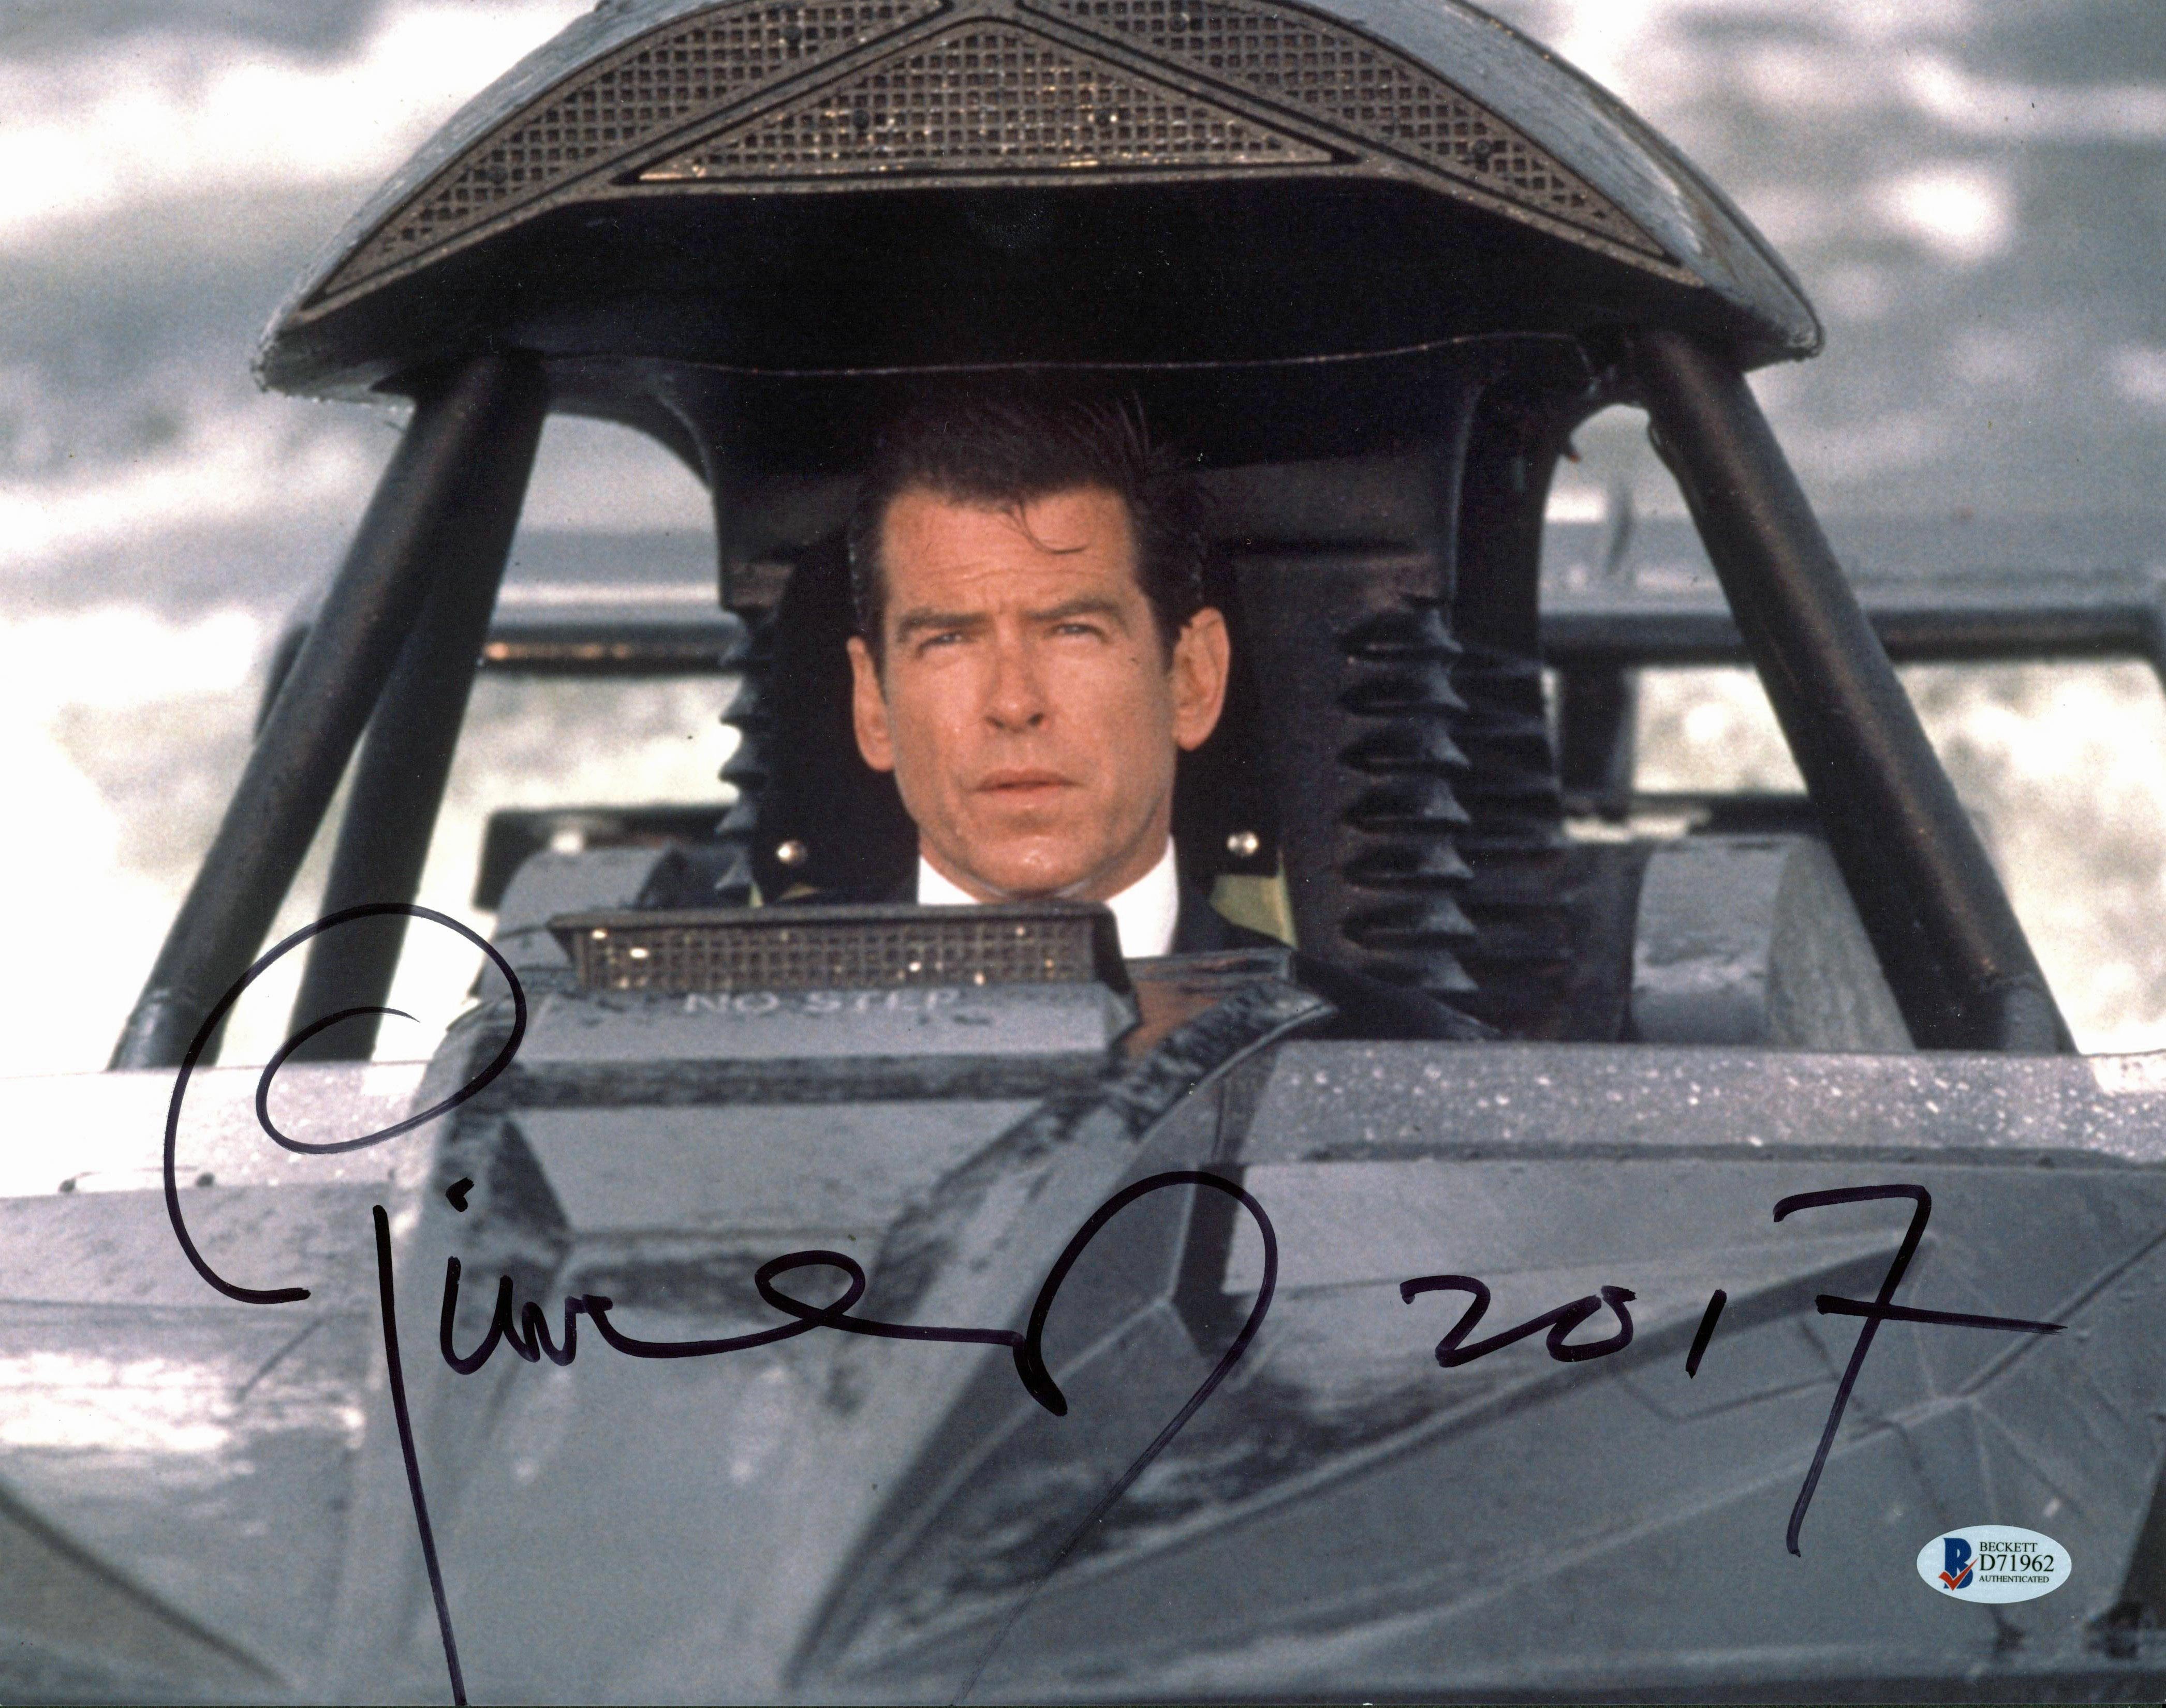 Pierce Brosnan James Bond 007 Authentic Signed 11x14 Photo BAS #D71962